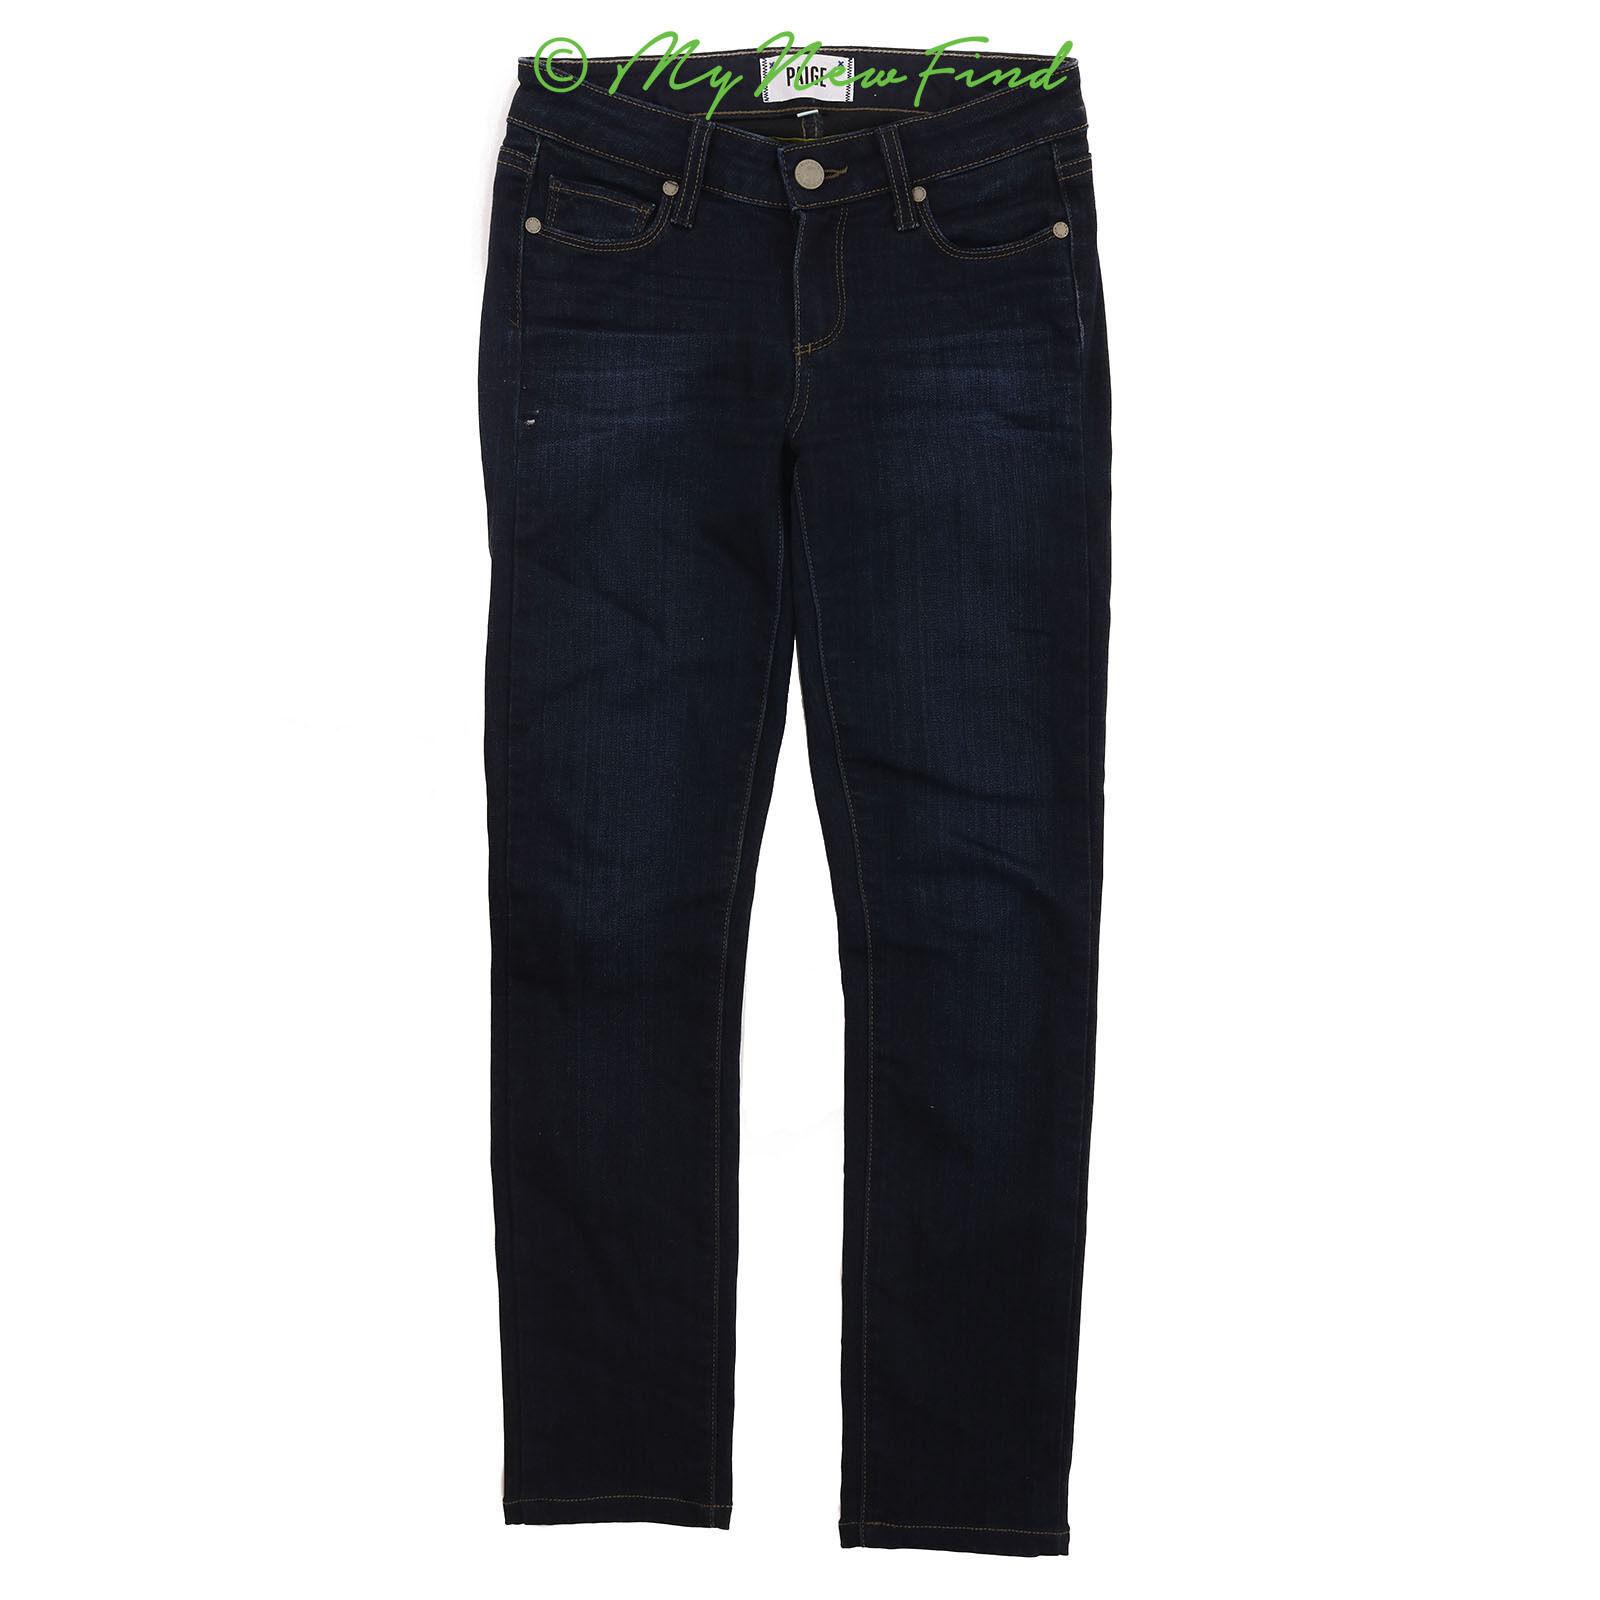 Paige Denim Skinny Skyline Jeans Size 24 Stretch Mona Wash Dark bluee Pants  B59